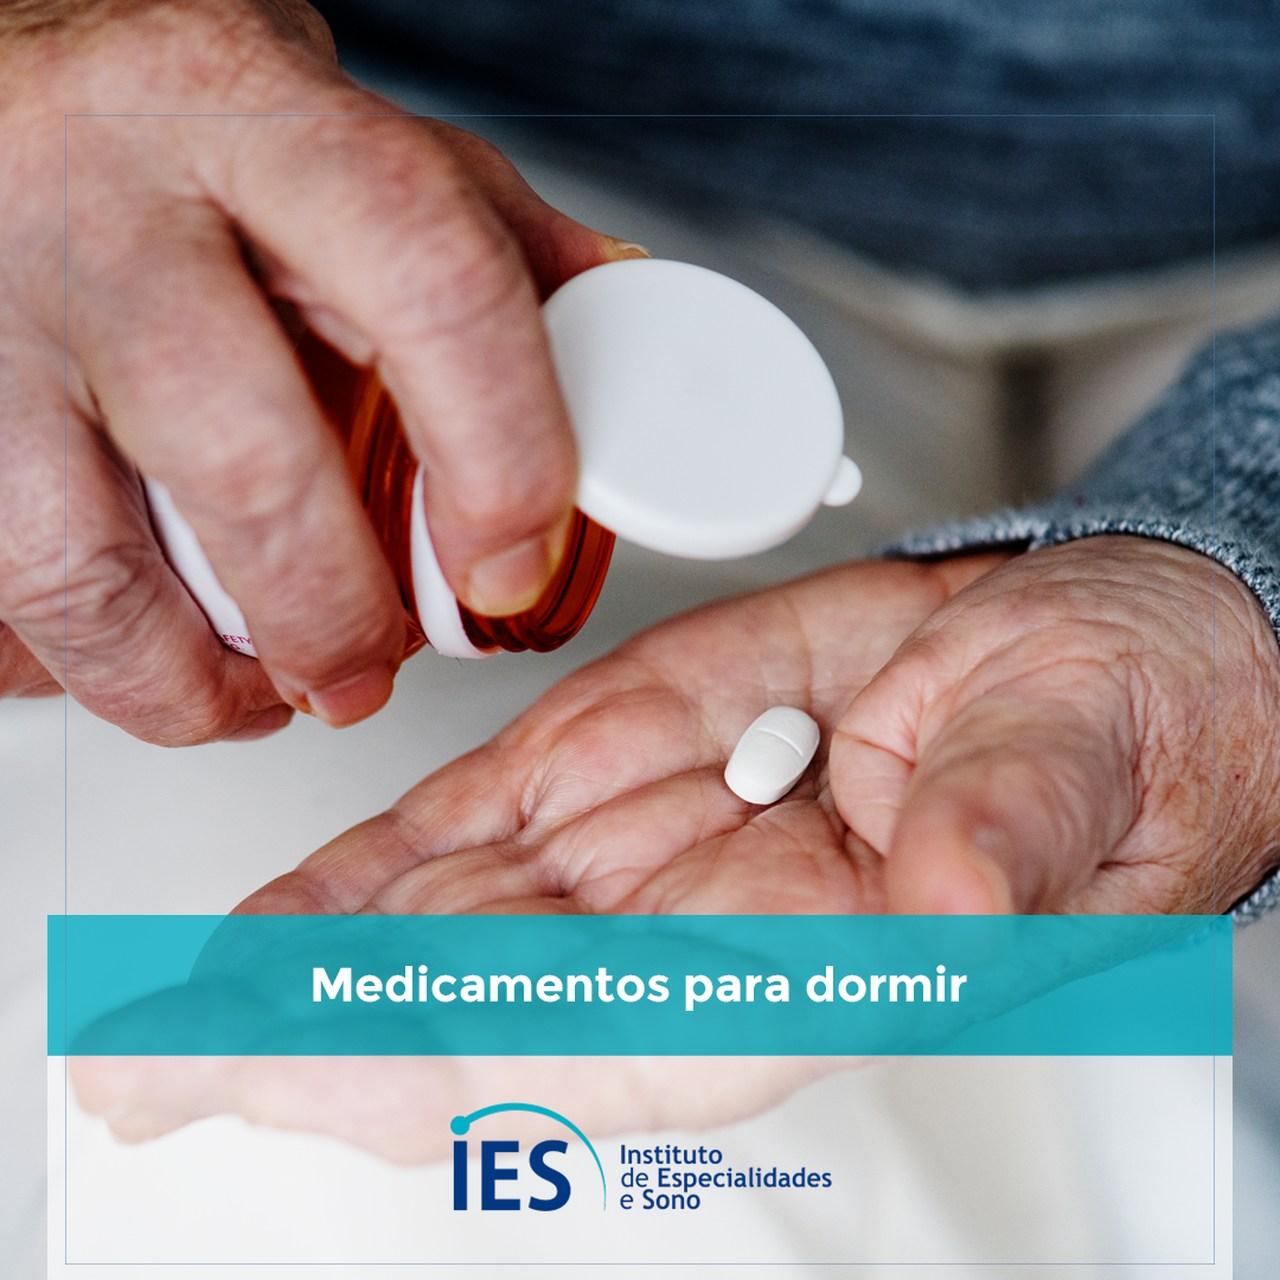 Uso de medicamentos para dormir